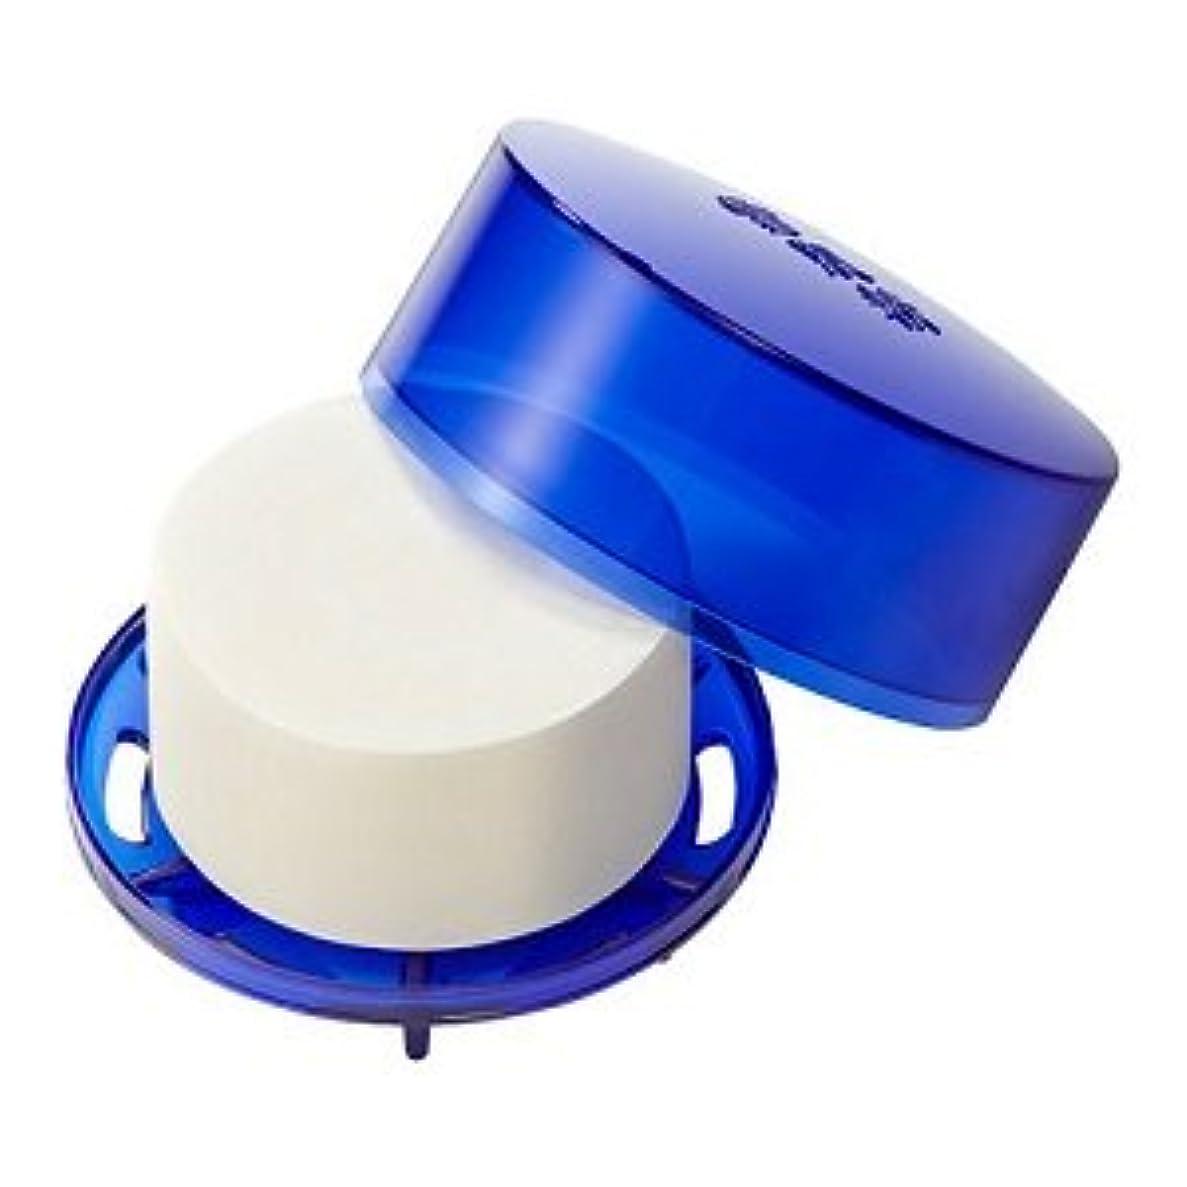 評価するエクステント生コーセー 雪肌精 化粧水仕立て 石けん 100g